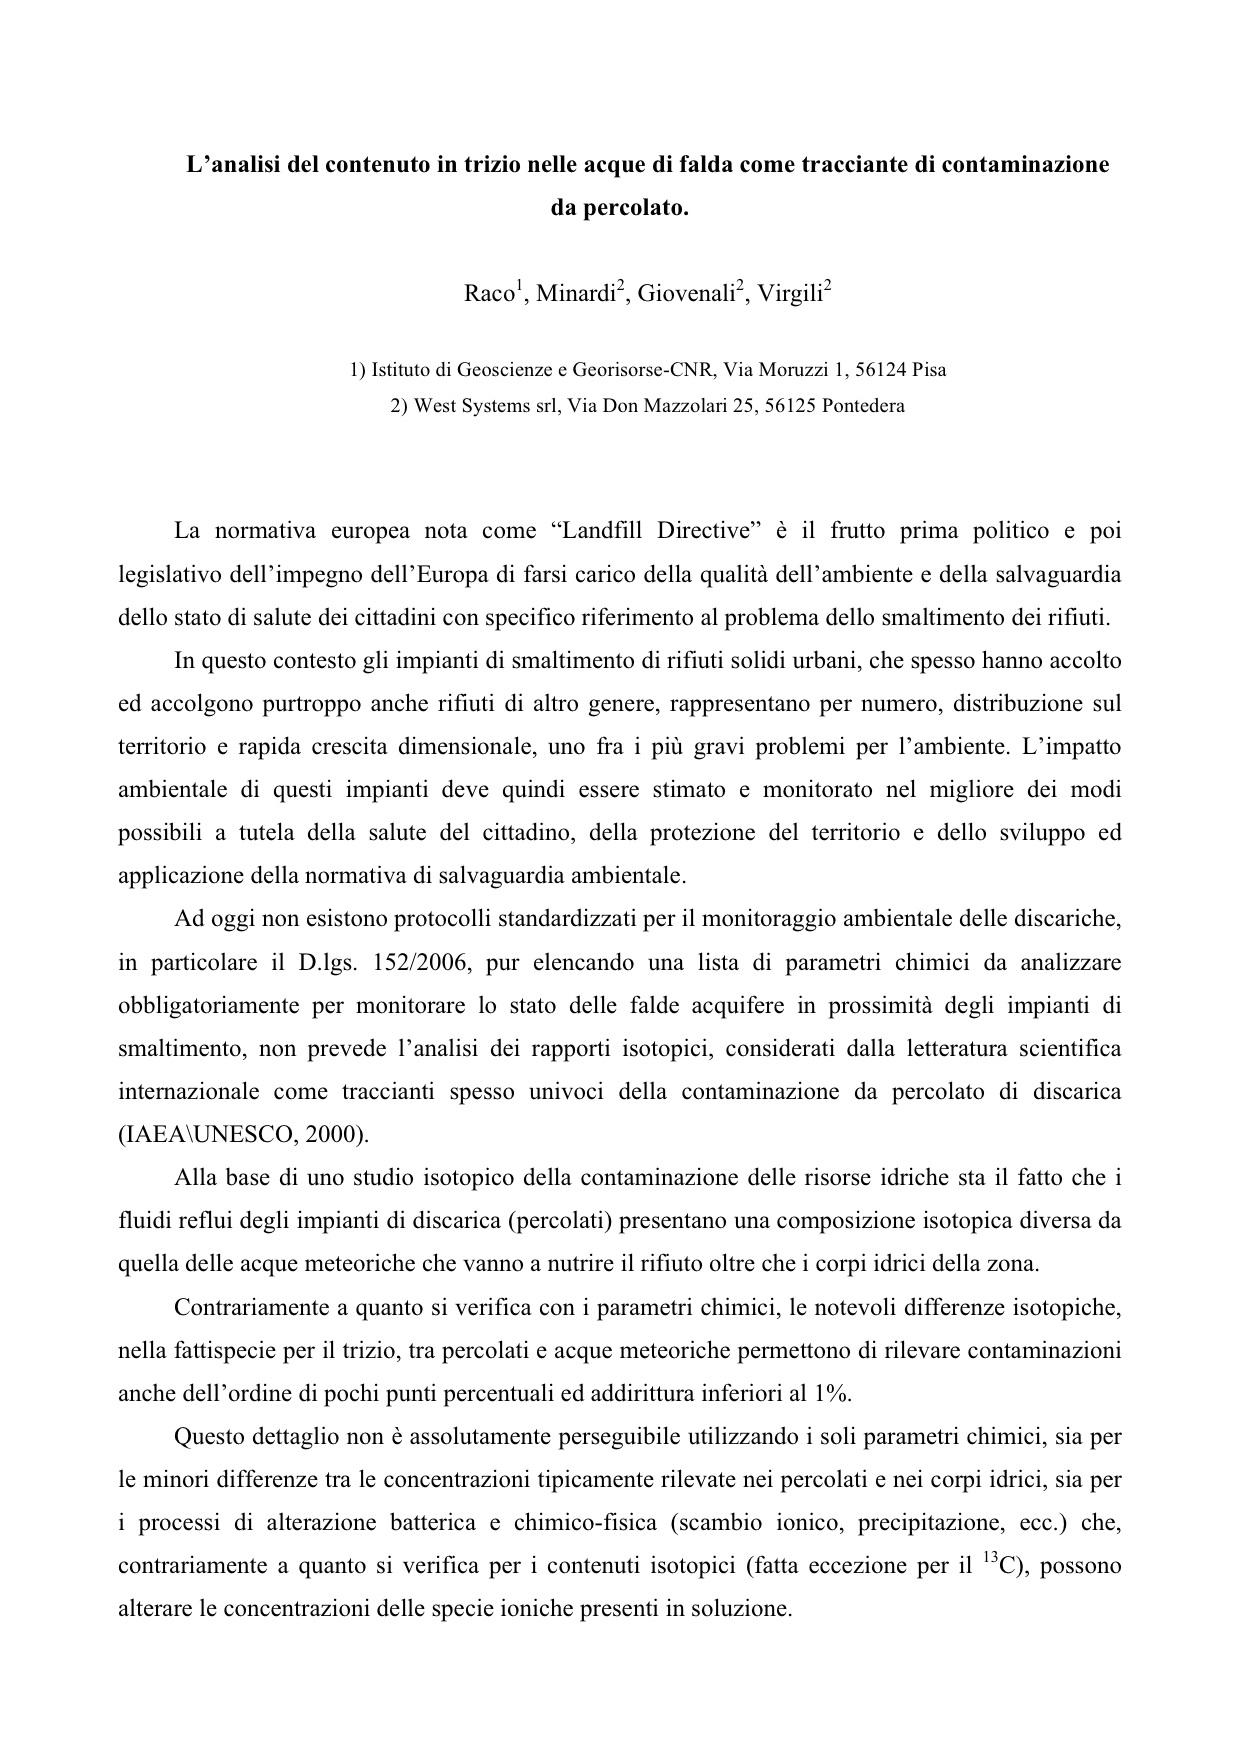 Trizio discariche -Minardi Giovenali Raco Virgili-2